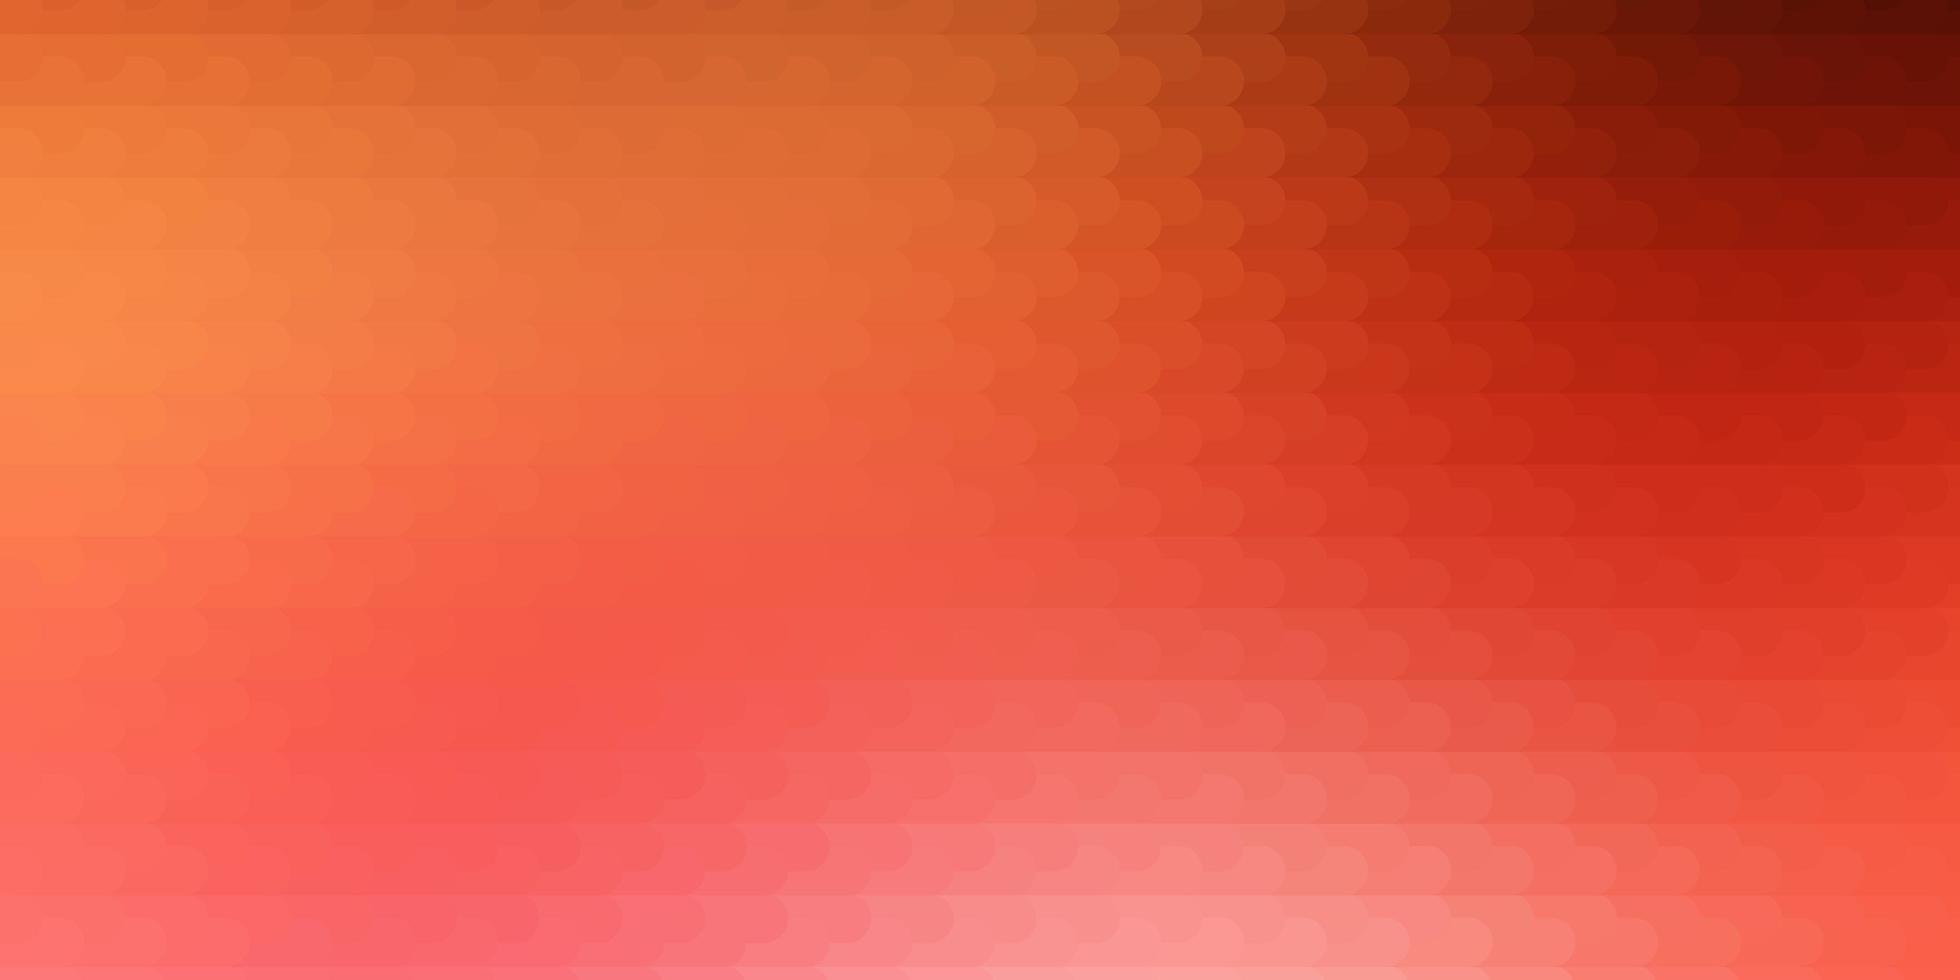 fond de vecteur rouge et jaune clair avec des lignes.